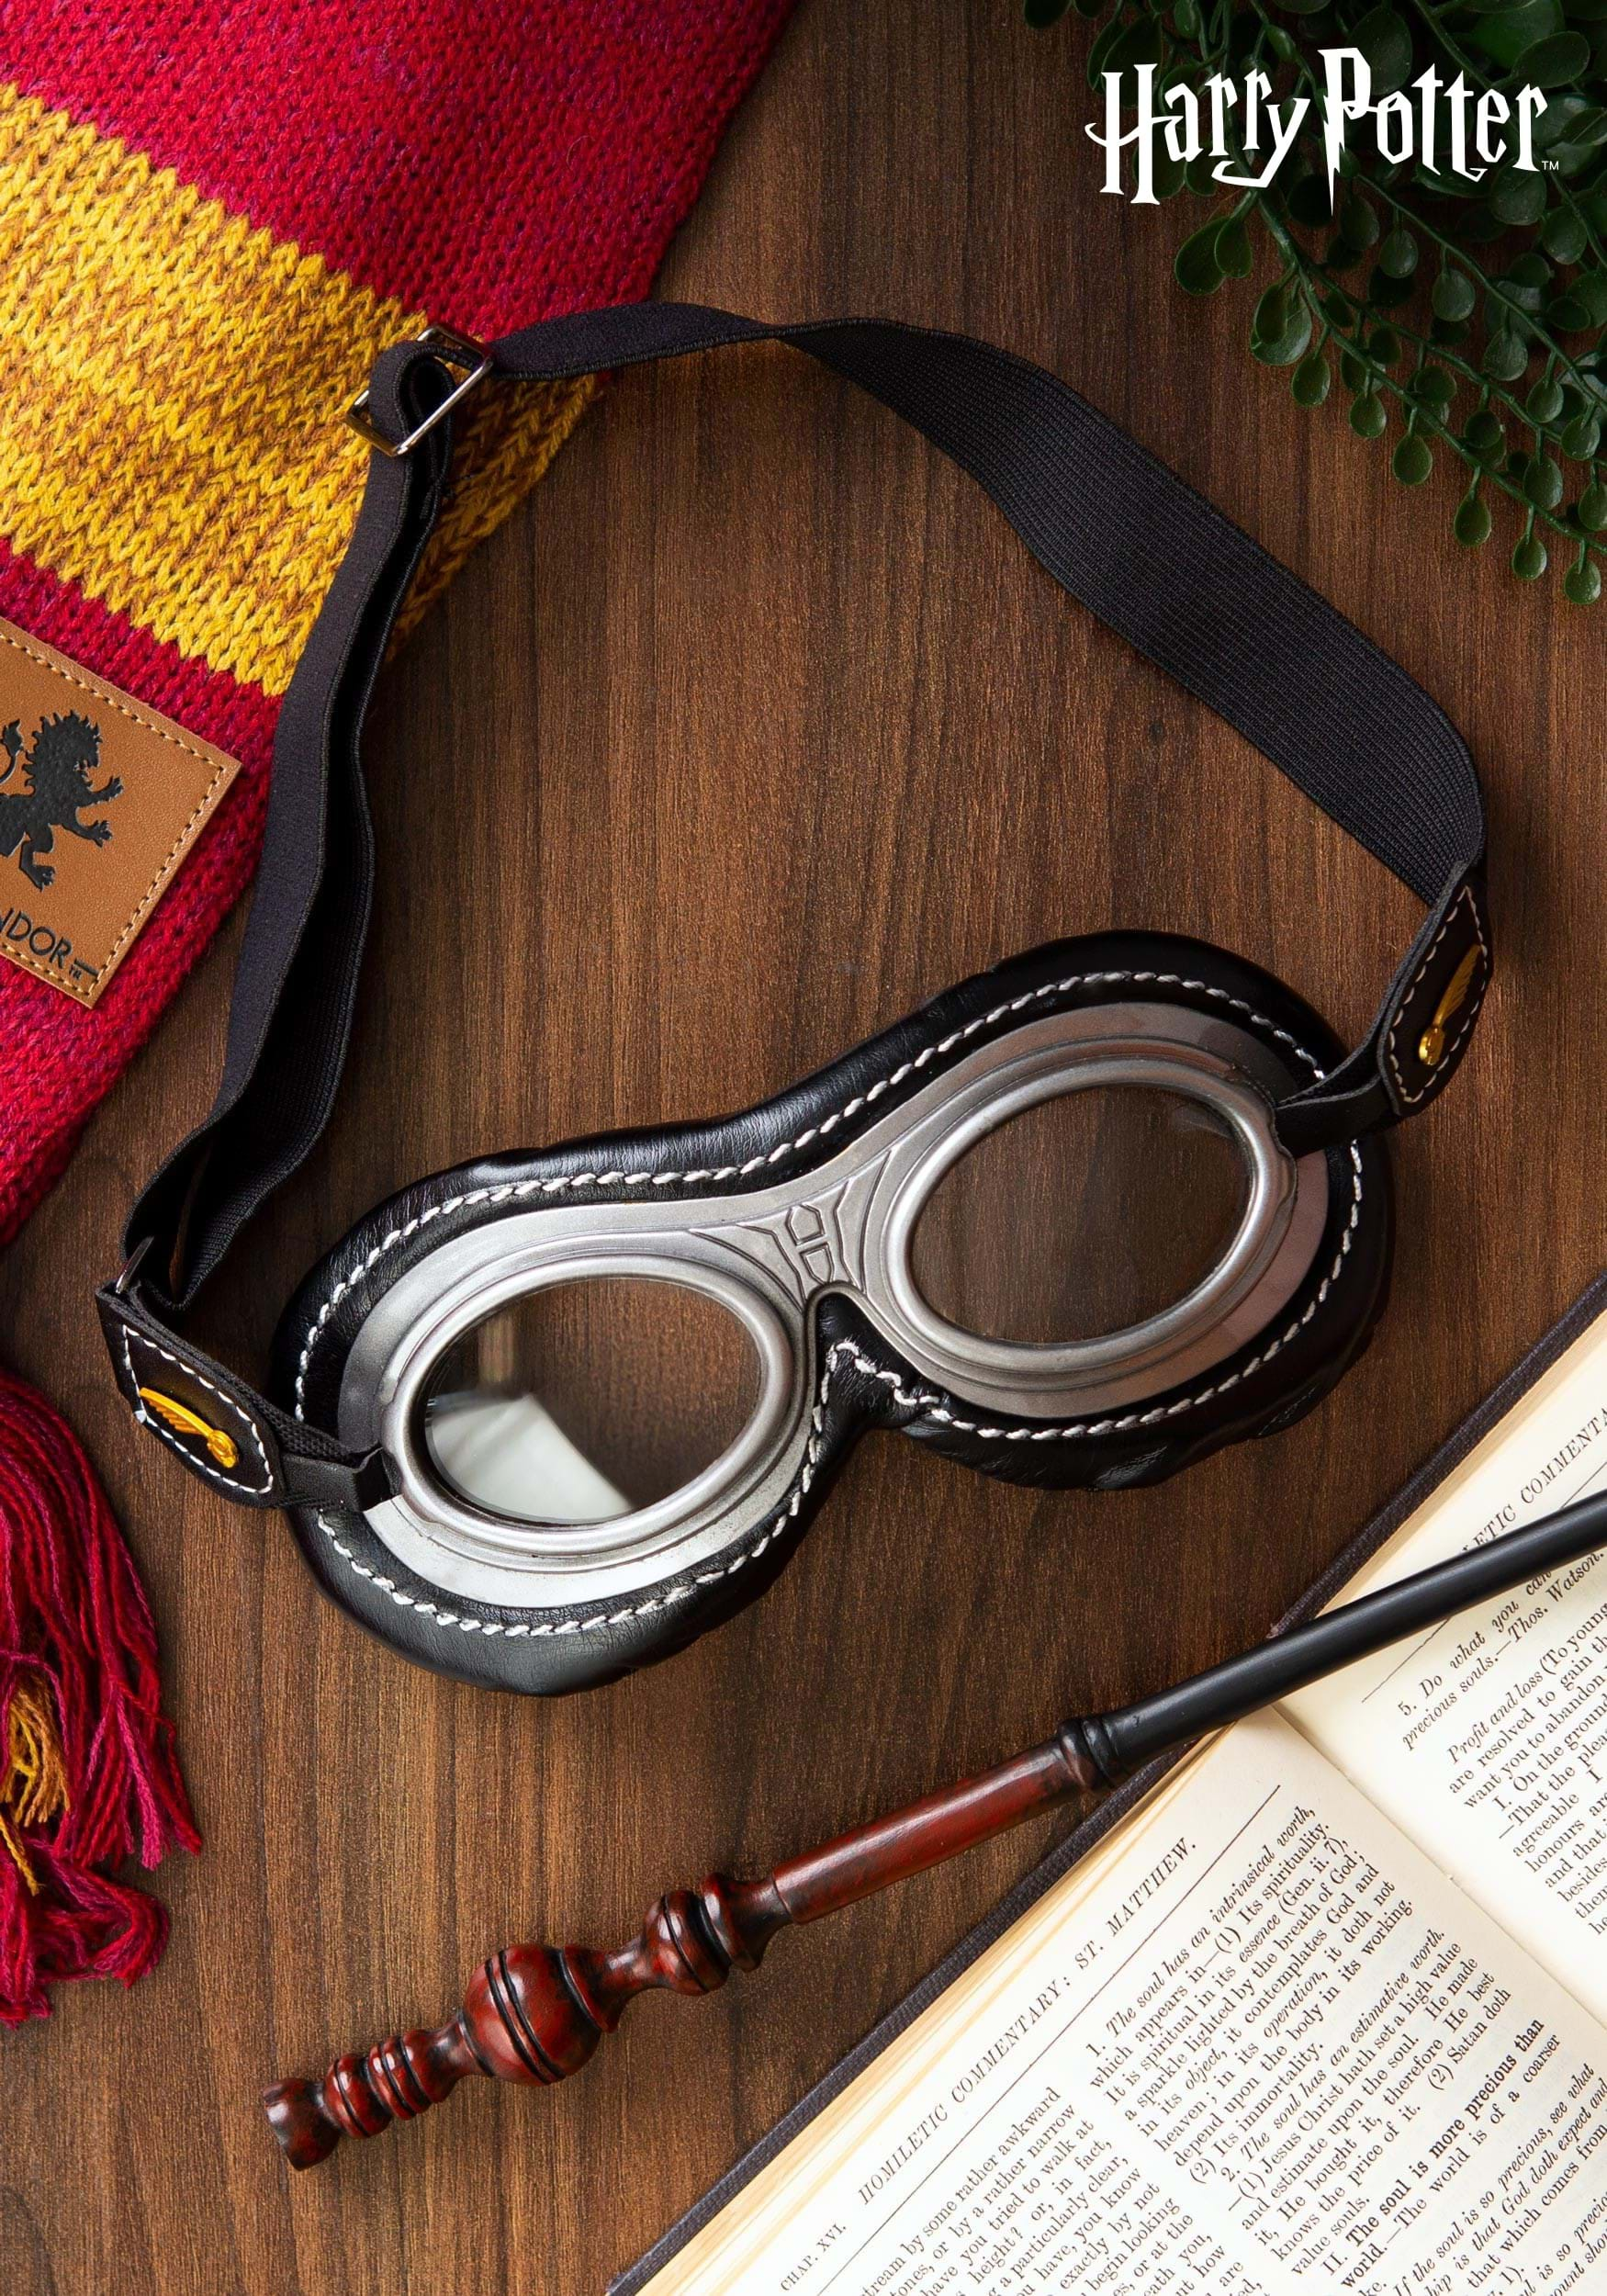 Wizard Quidditch Goggles EL301430